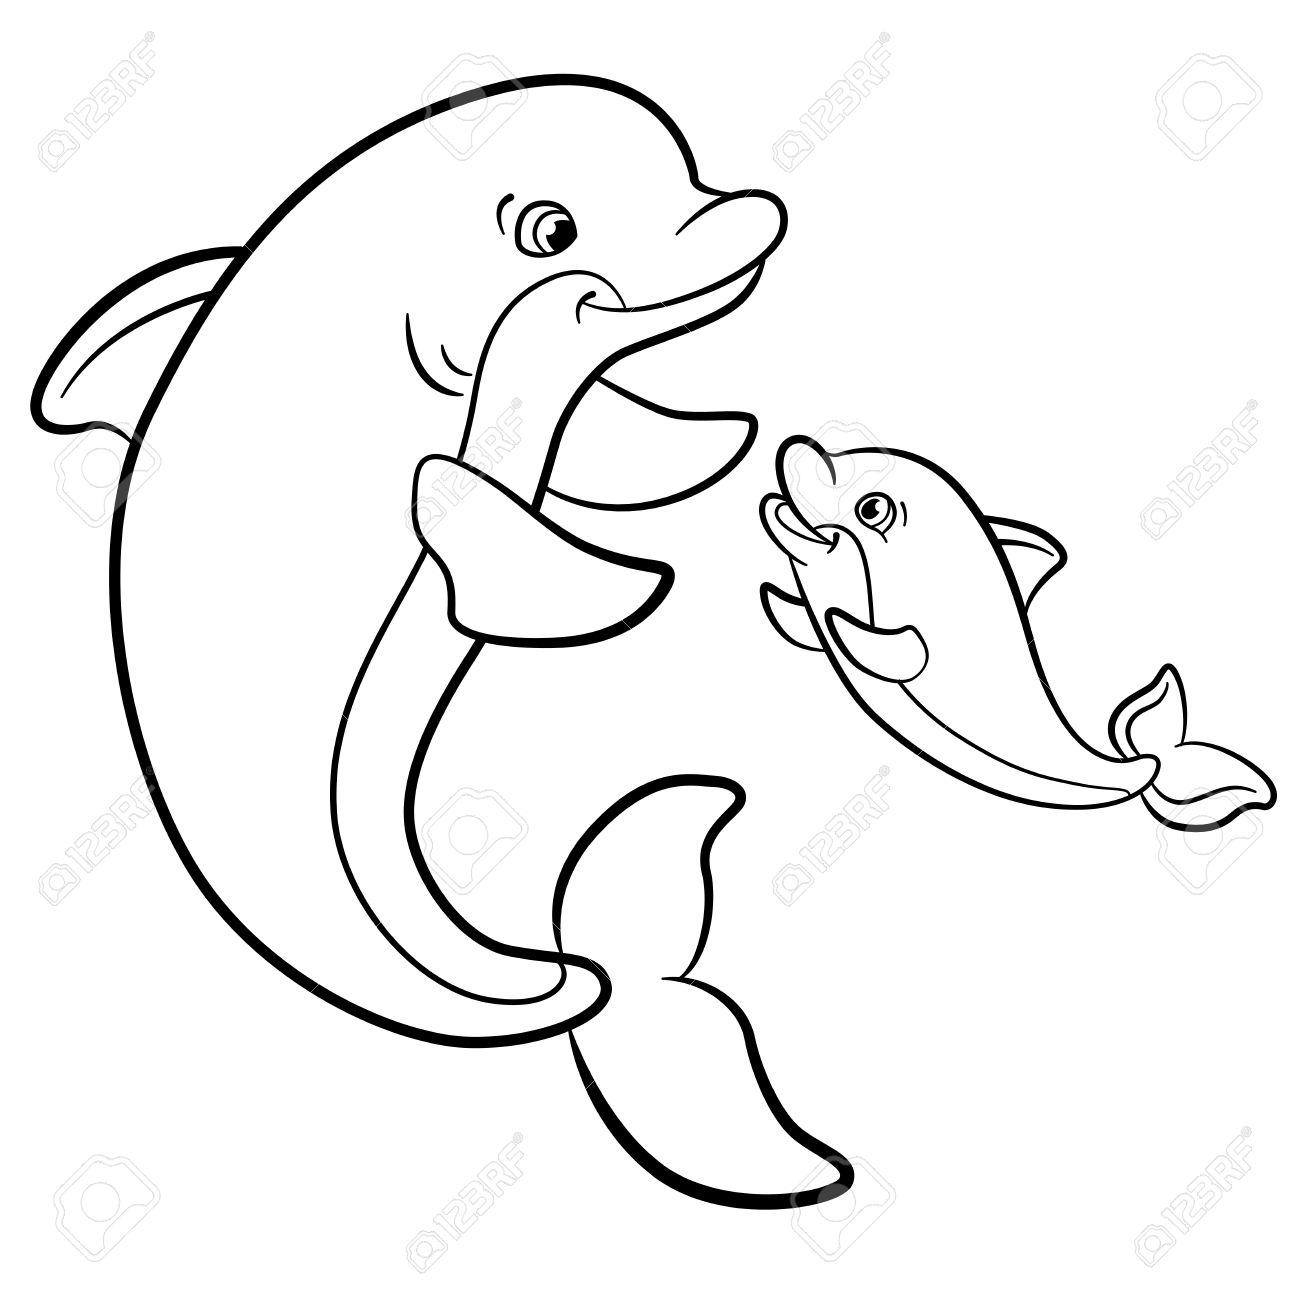 kleurplaten van baby dolfijnen